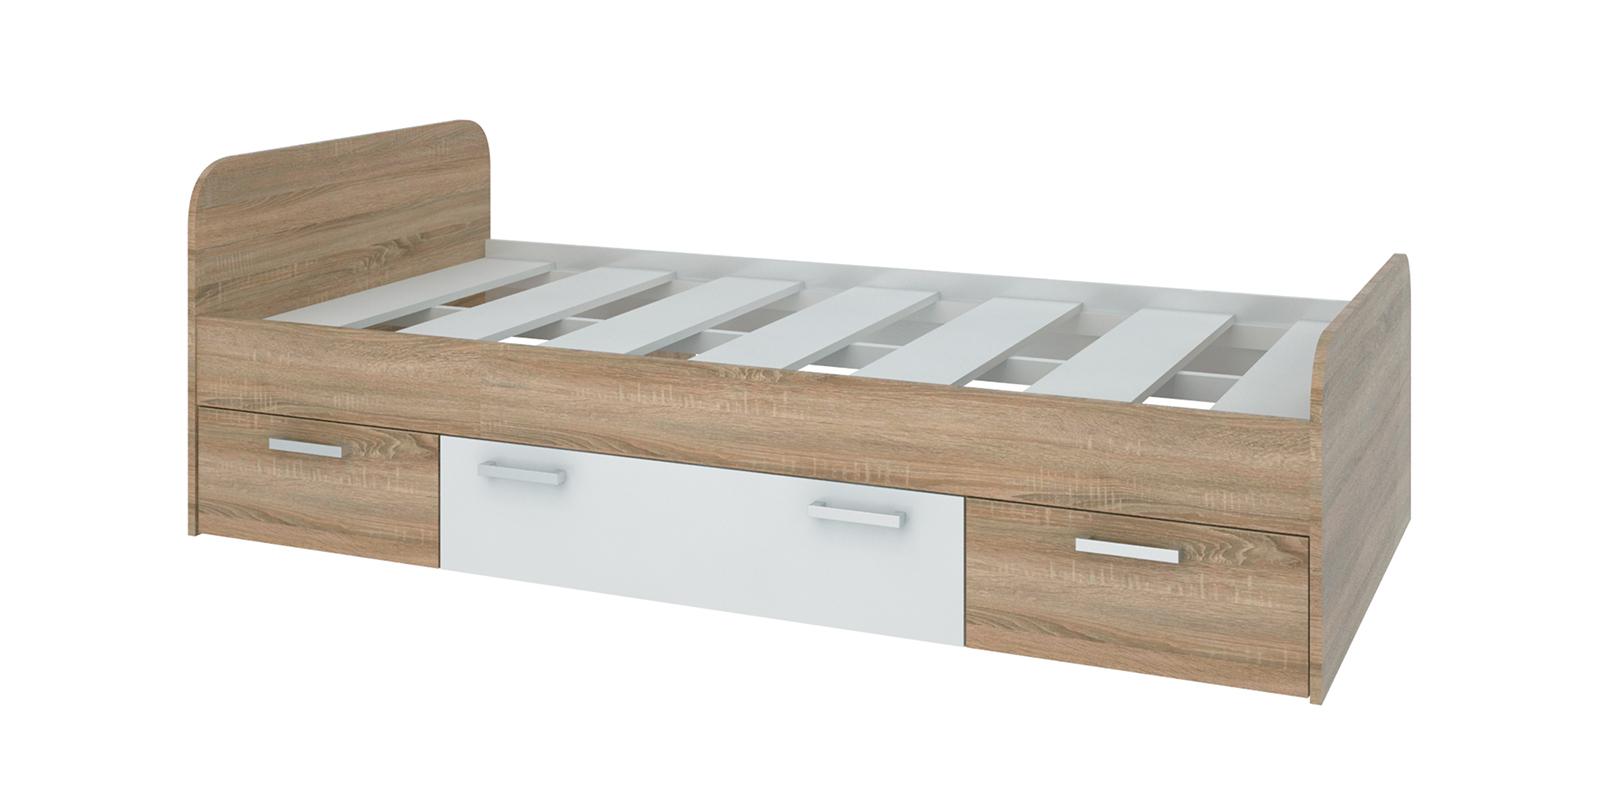 Кровать односпальная 190х90 Лакки без подъемного механизма (дуб сонома/белый) HomeMe